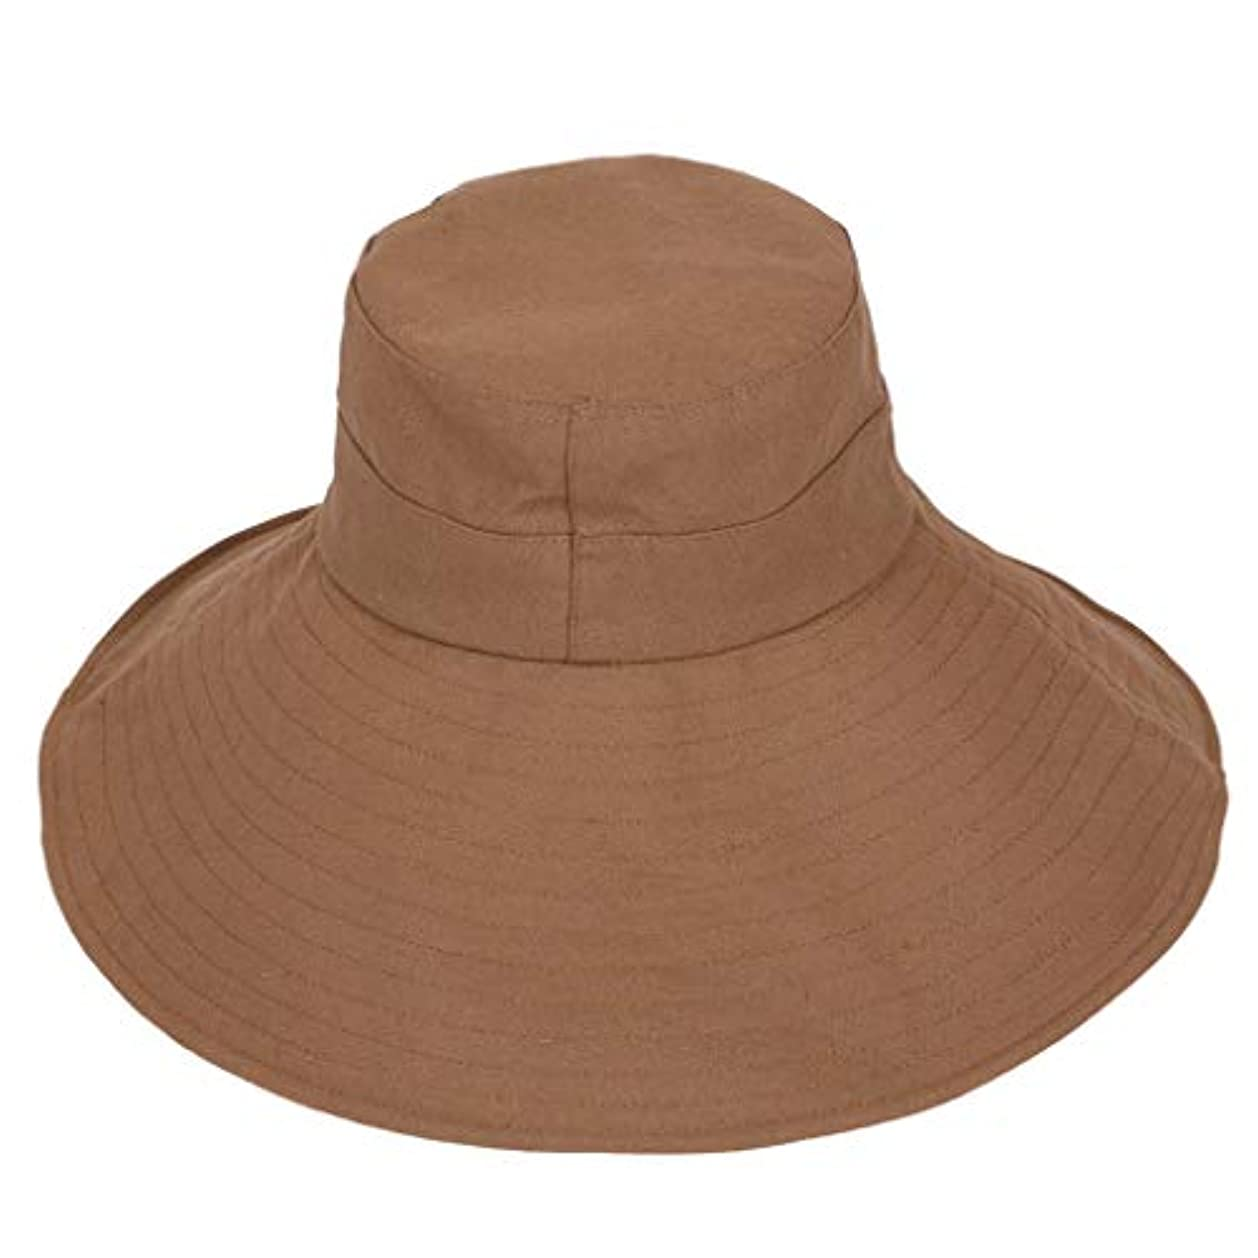 劇的意気込み秘書漁師帽 ROSE ROMAN 帽子 レディース UVカット 帽子 UV帽子 日焼け防止 軽量 熱中症予防 取り外すあご紐 つば広 おしゃれ 可愛い 夏季 海 旅行 無地 ワイルド カジュアル スタイル ファッション シンプル 発送